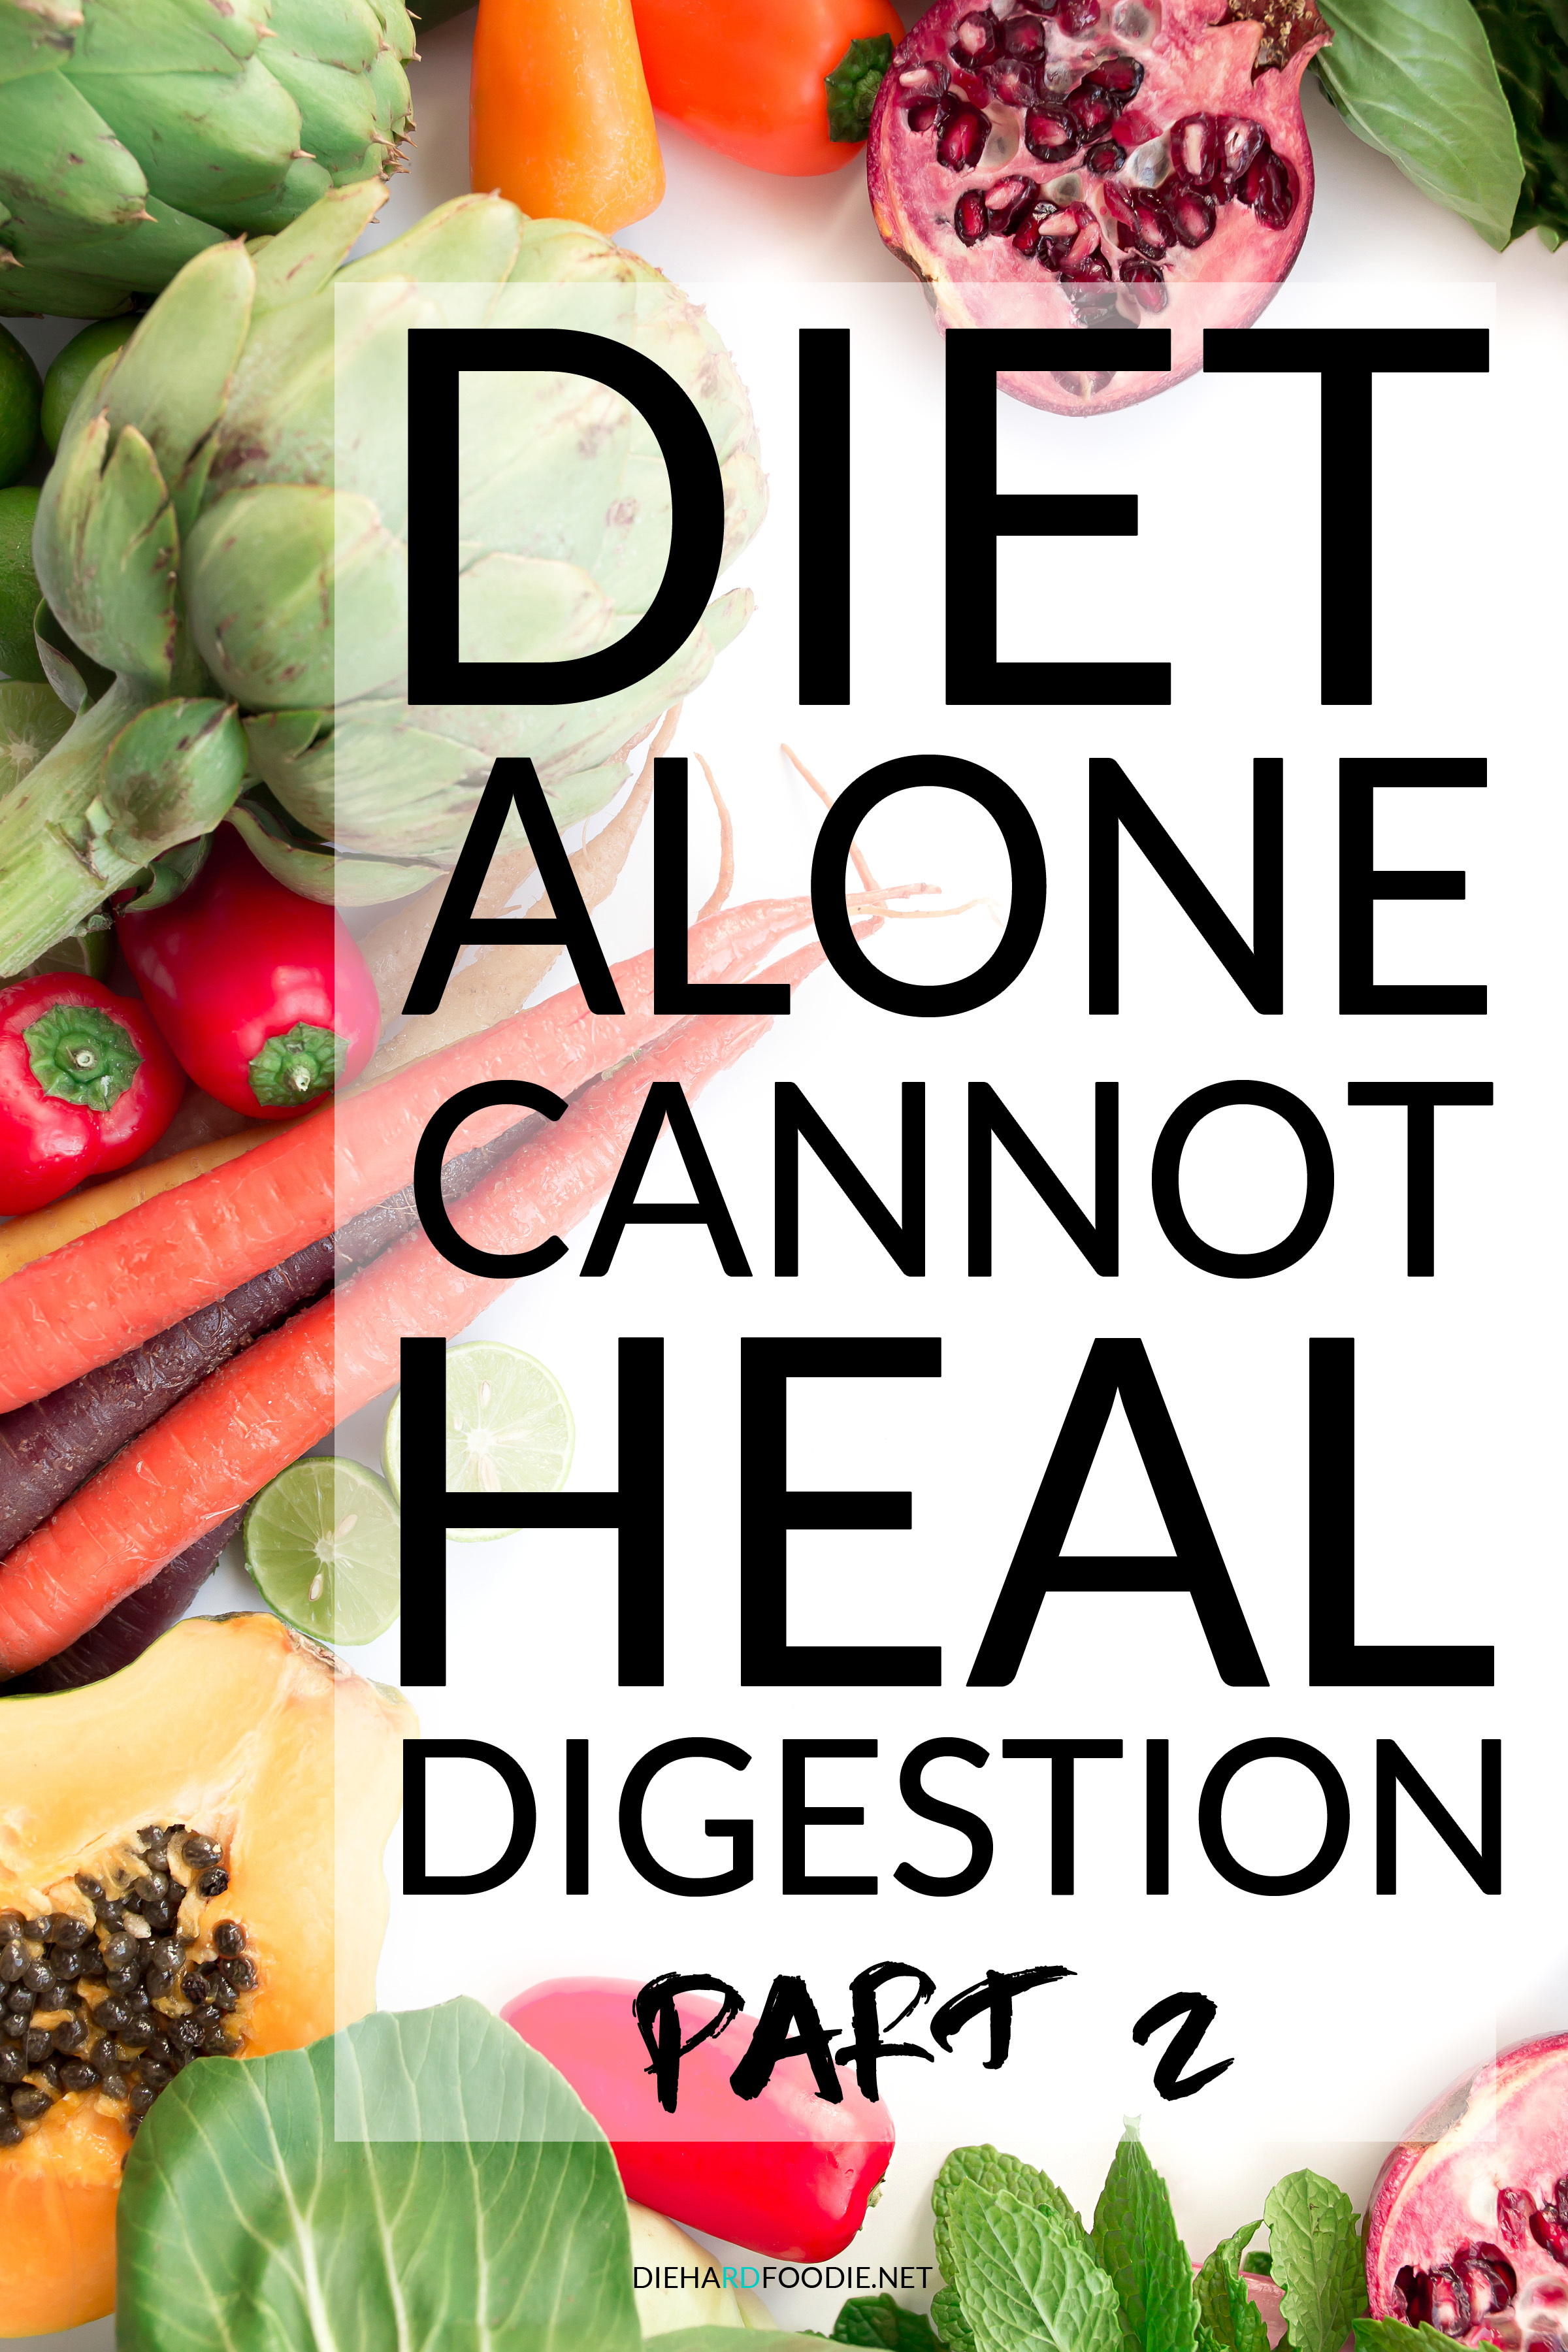 Diet-Alone-Cannot-Heal-Digestion-Part-2-PINTEREST.jpg